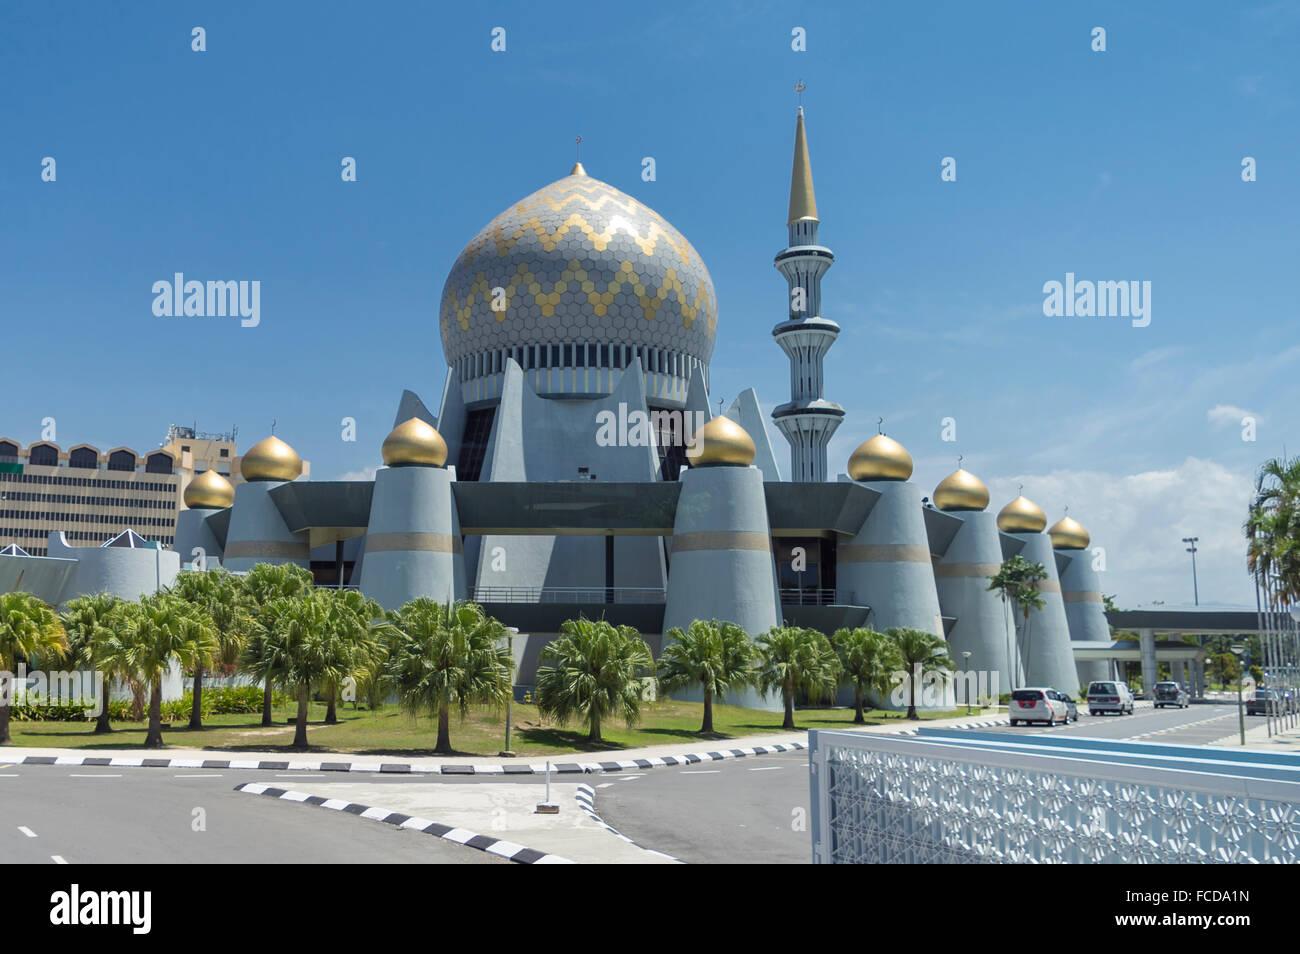 Masjid Negeri Sabah, the state mosque of Sabah, in Kota Kinabalu, Malaysia. - Stock Image